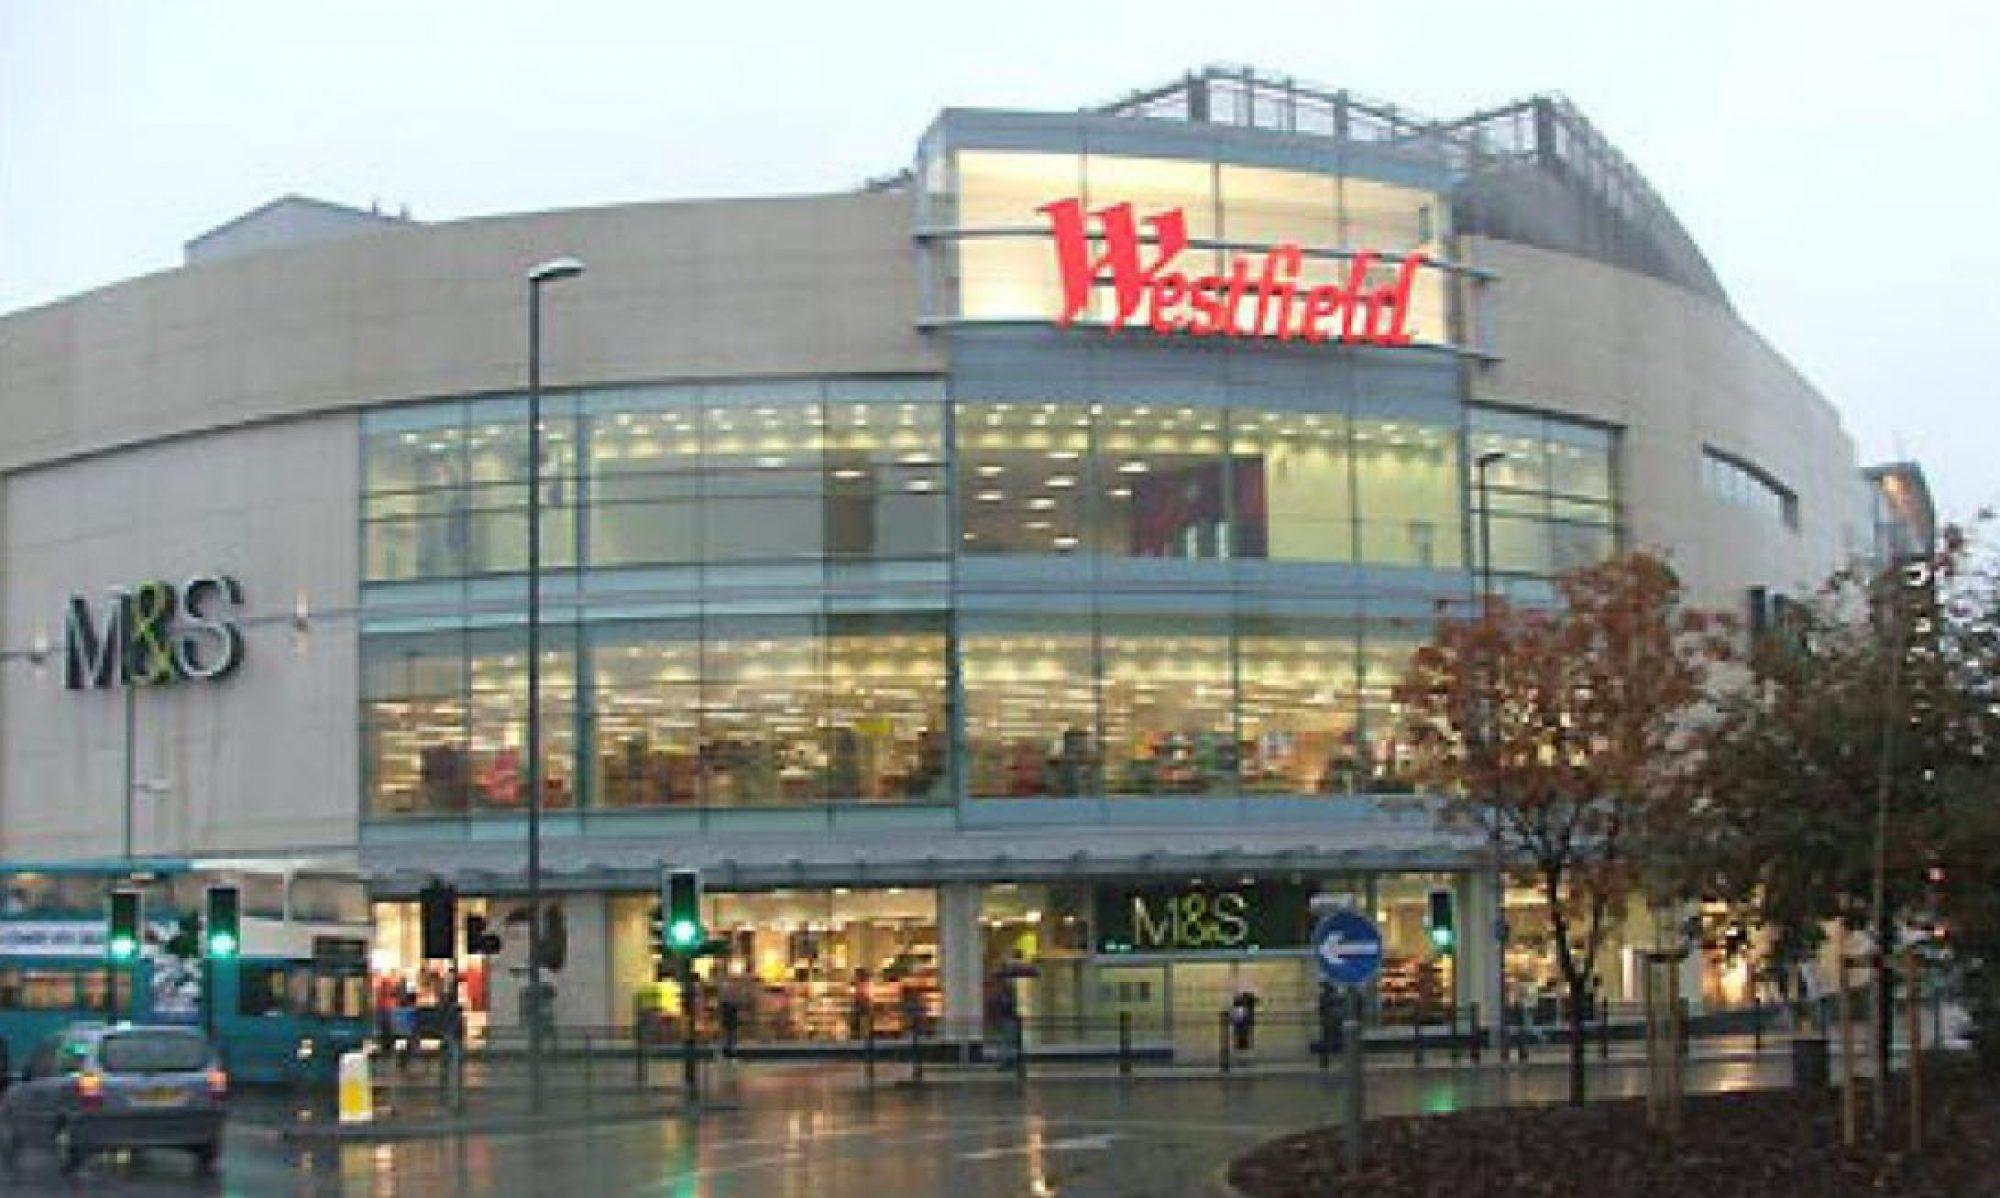 Coastshop.co.uk -  UK shopping centres